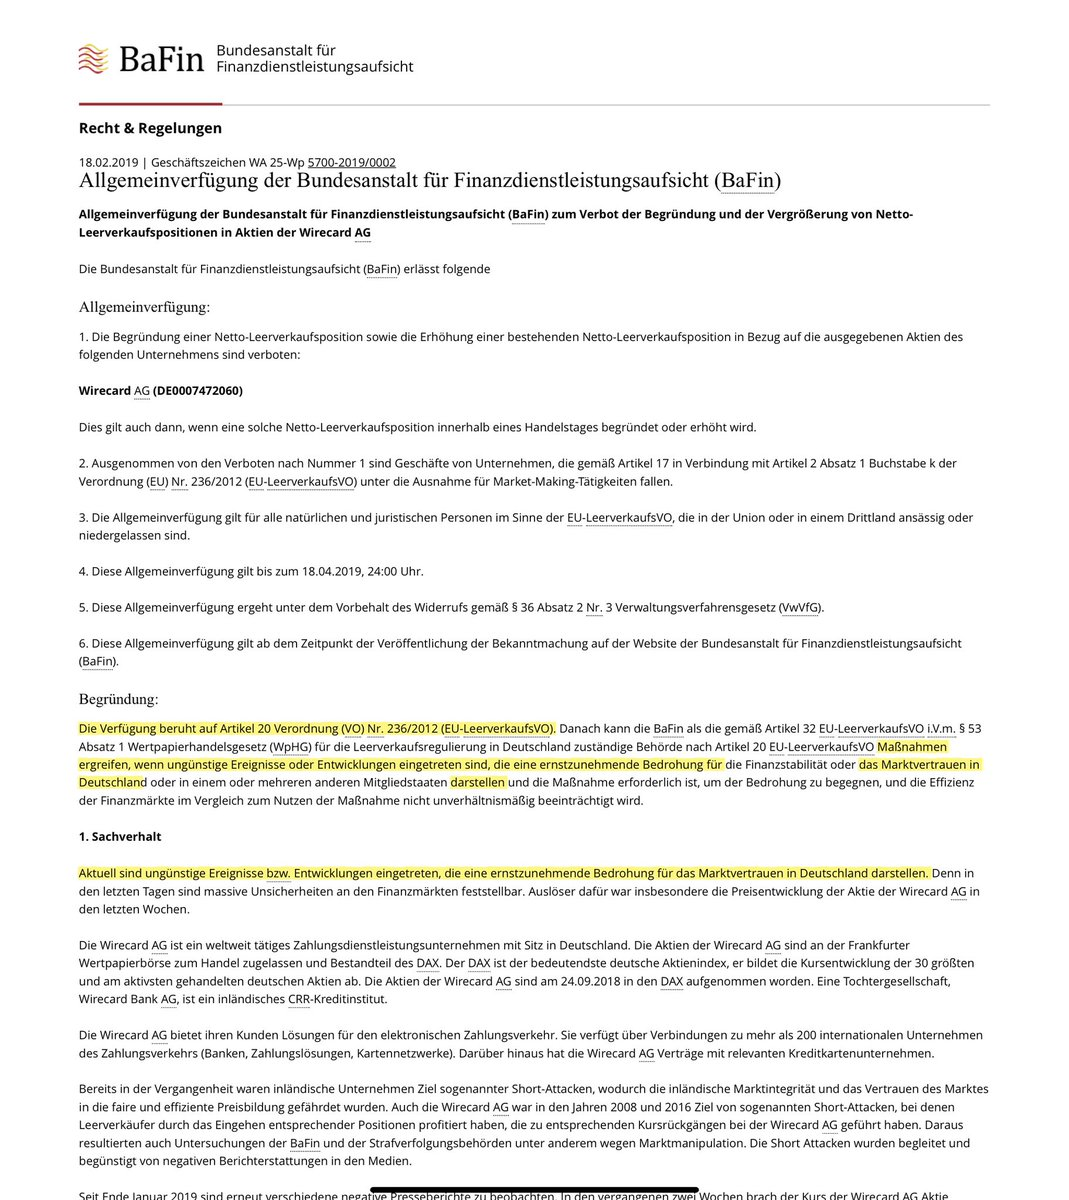 @FlorianMKern Aber doch nur, wenn es sich um eine Maßnahme nach § 14 WpHG handelt. Hier war es ja ausweislich des Textes der Allgemeinverfügung der BaFin Art. 20 der EU-LeerverkaufsVO. Da ist die Bundesbank doch nicht zu beteiligen...